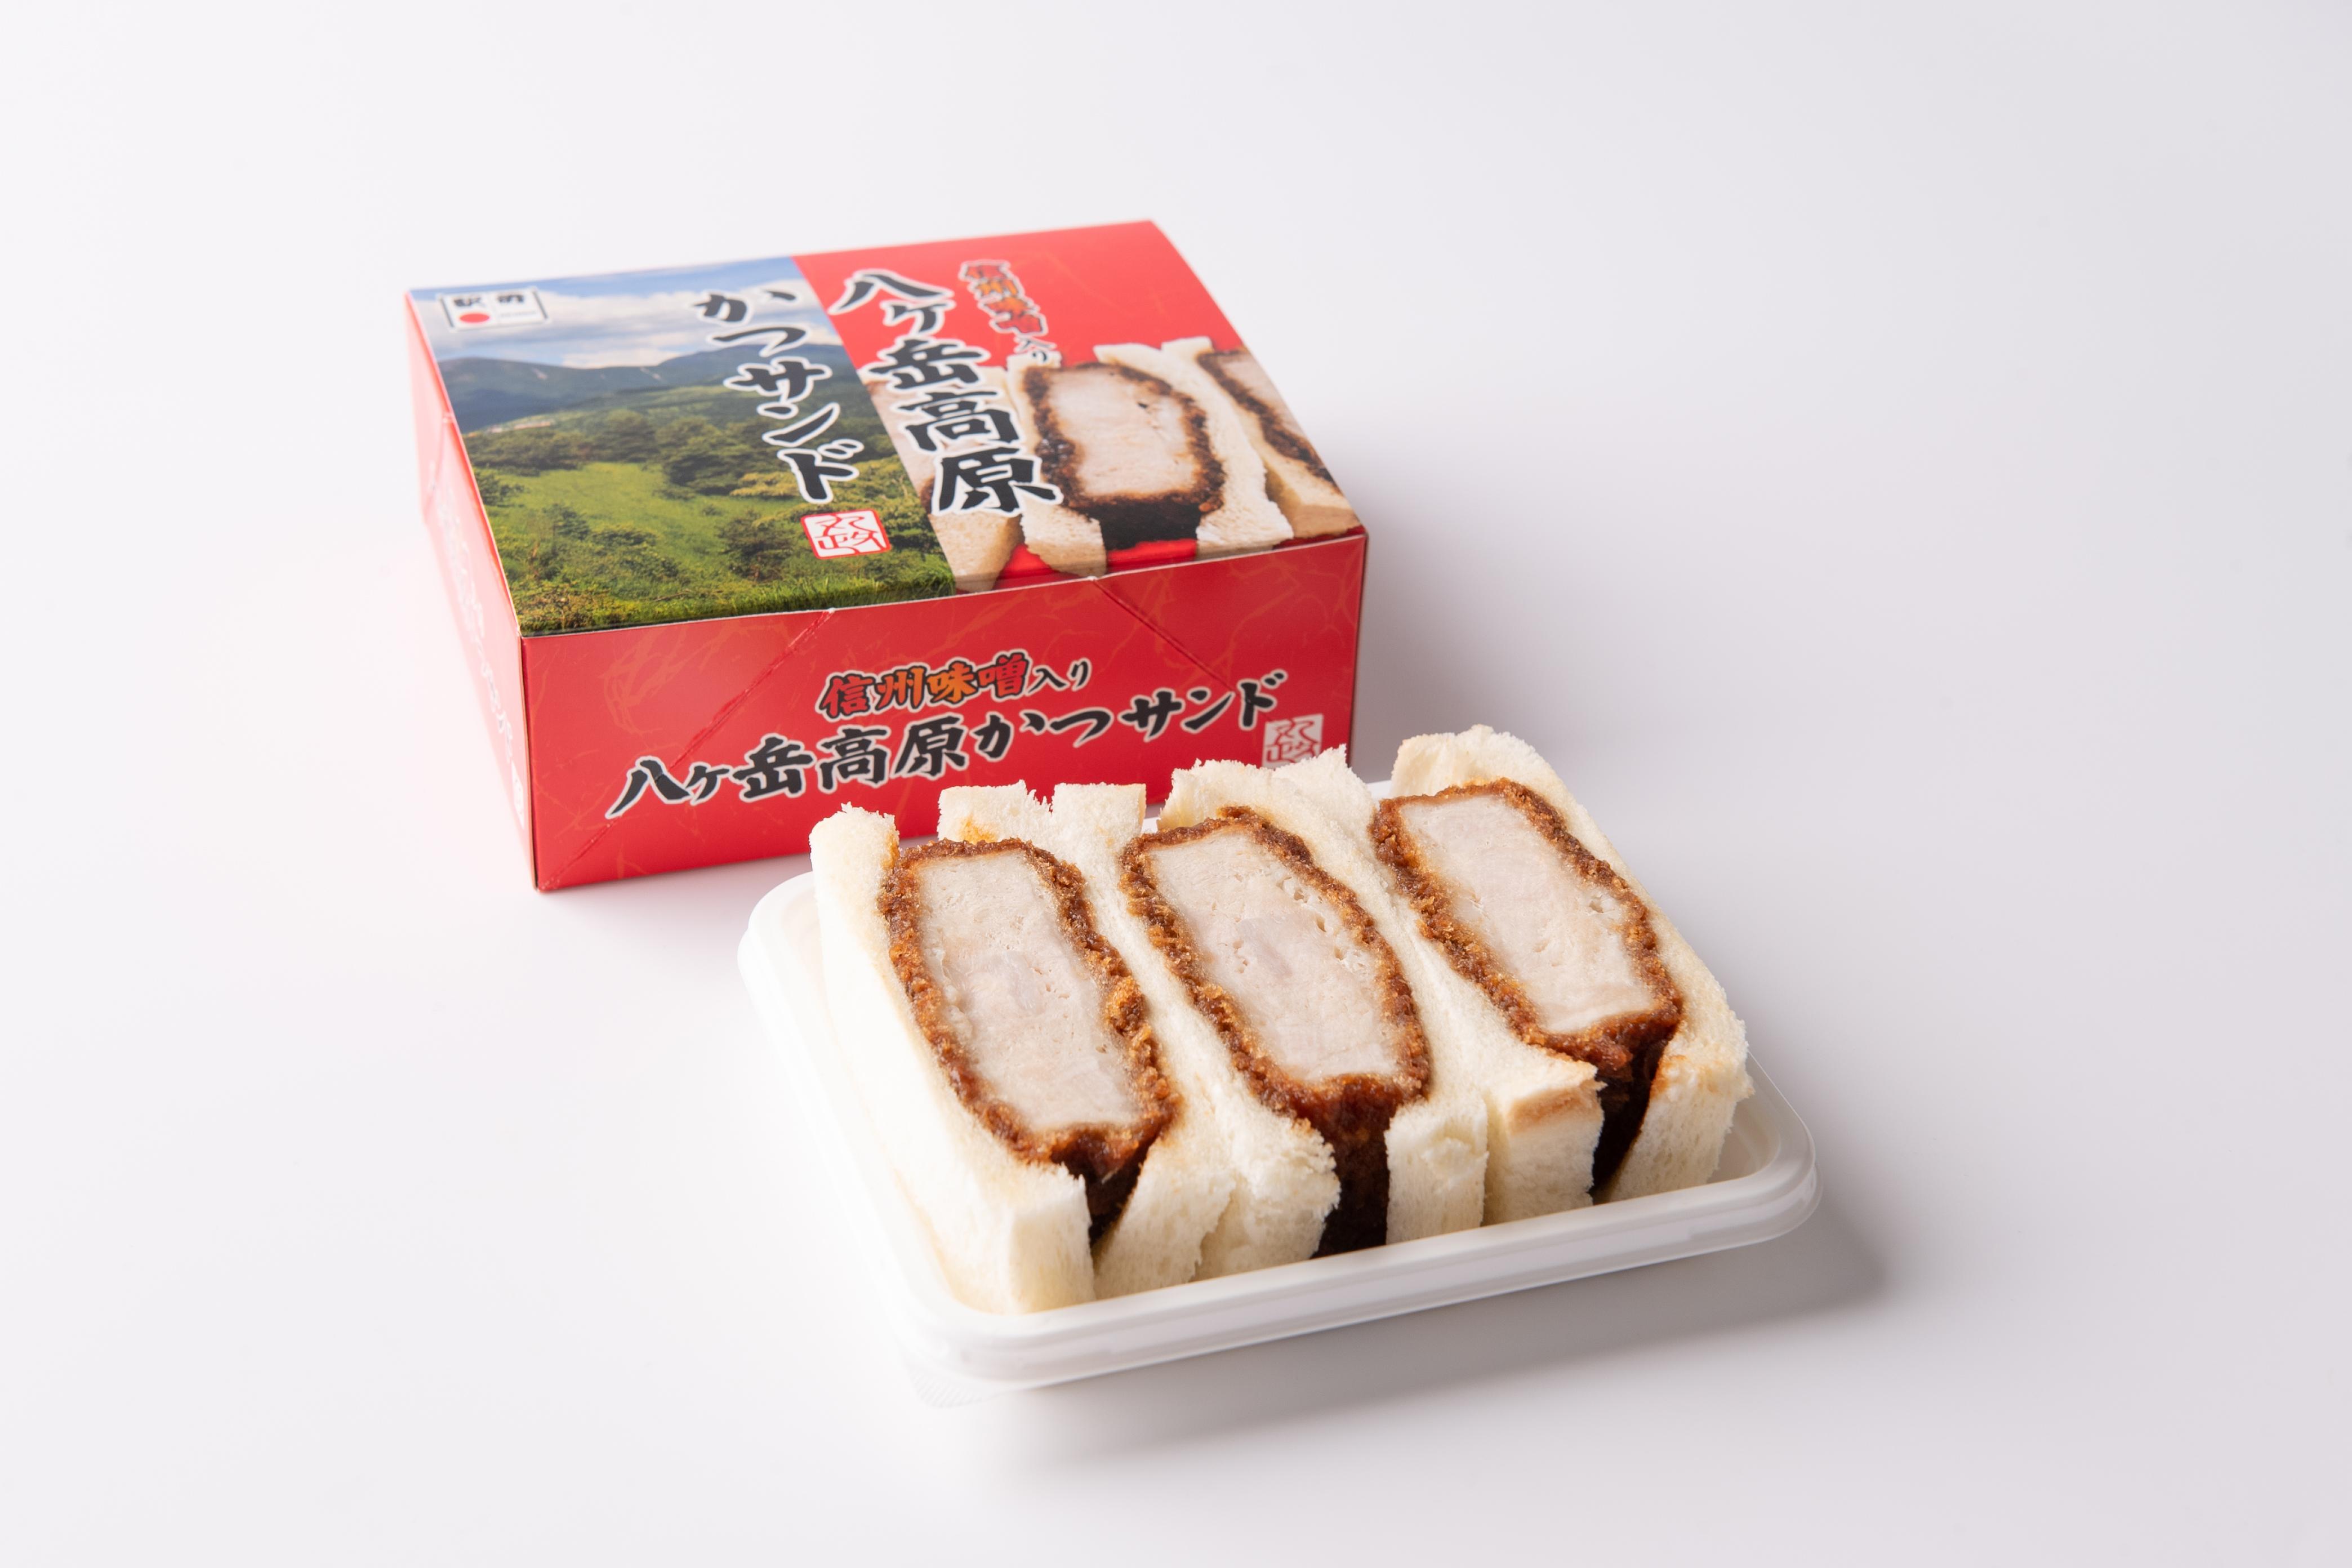 信州味噌入り八ヶ岳高原かつサンド-(¥750税込)